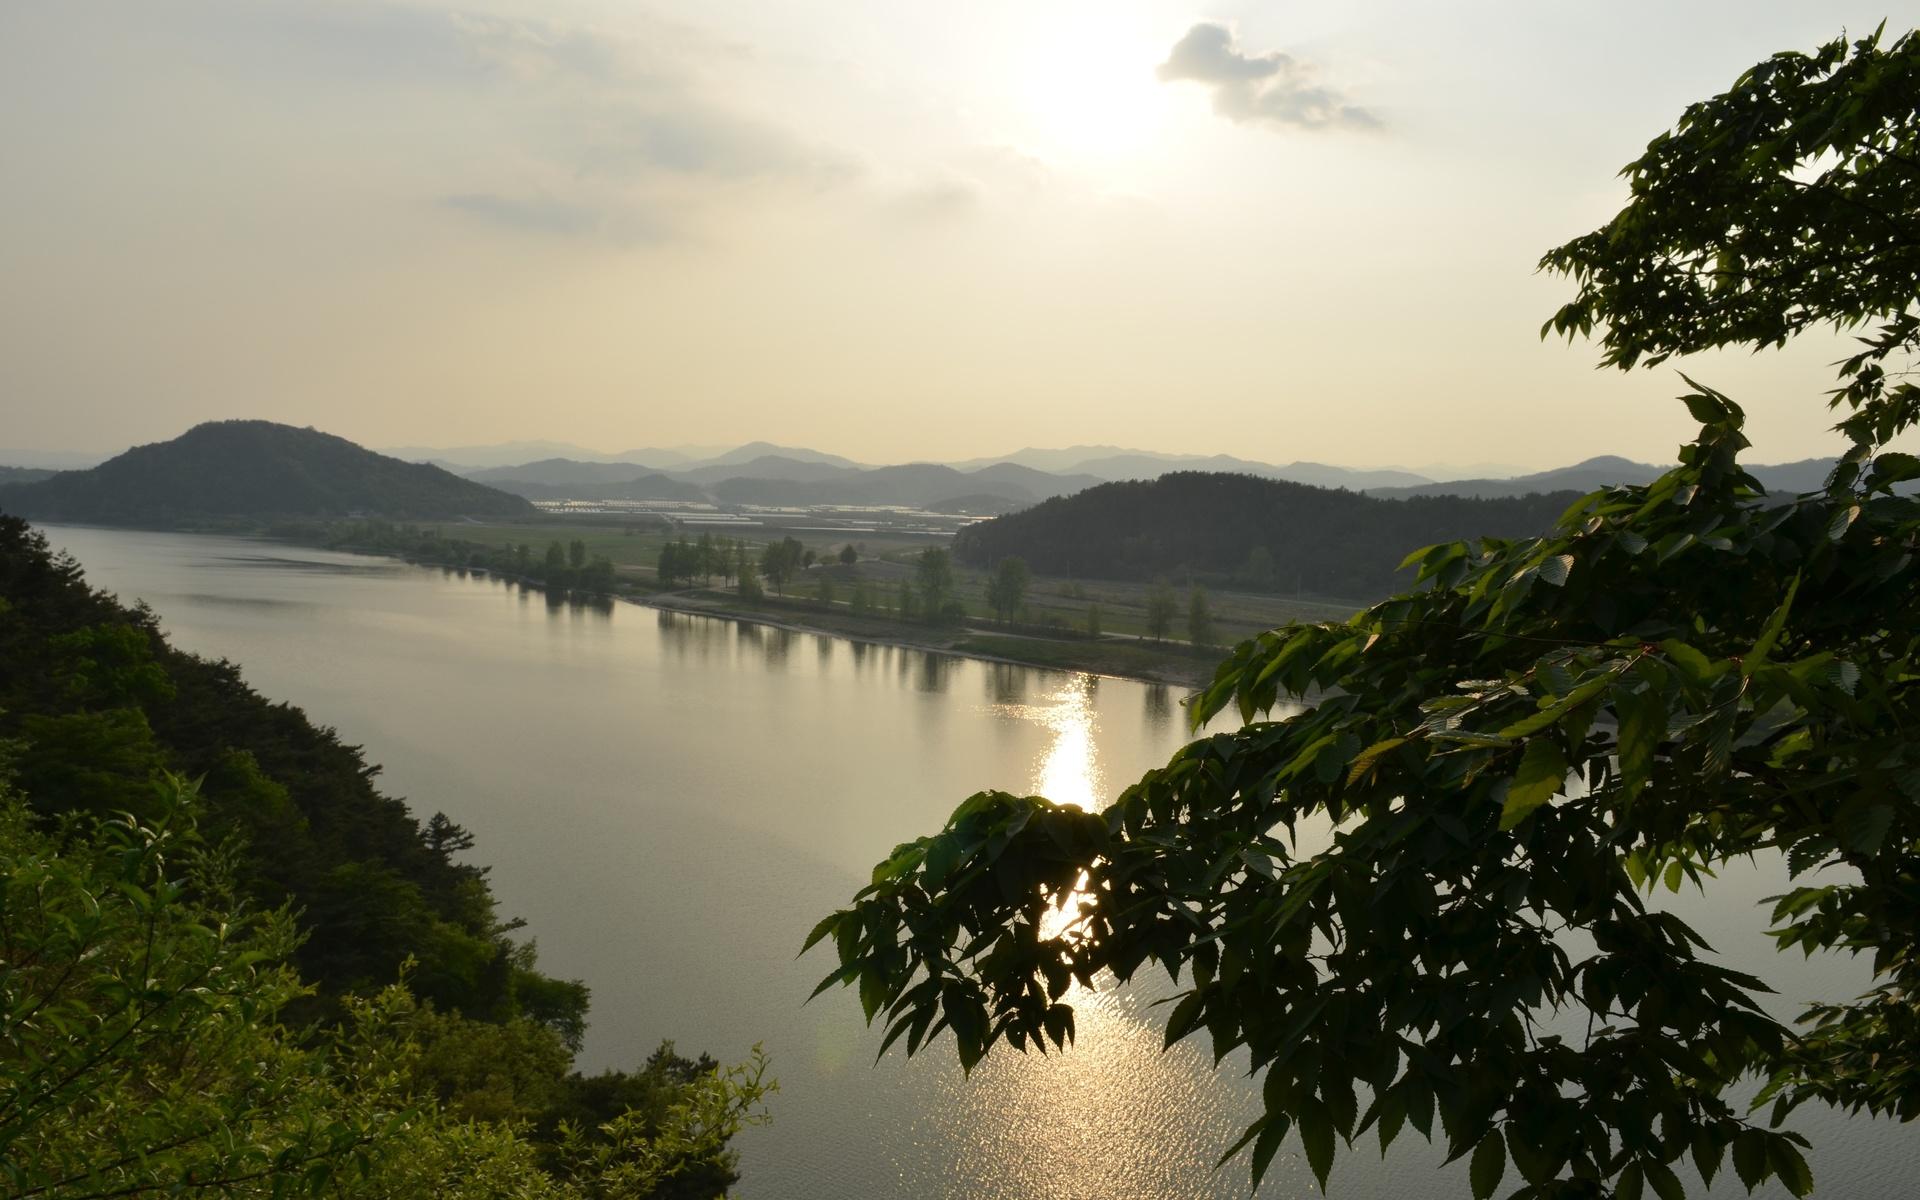 река, холмы, деревья, вечер, южная корея